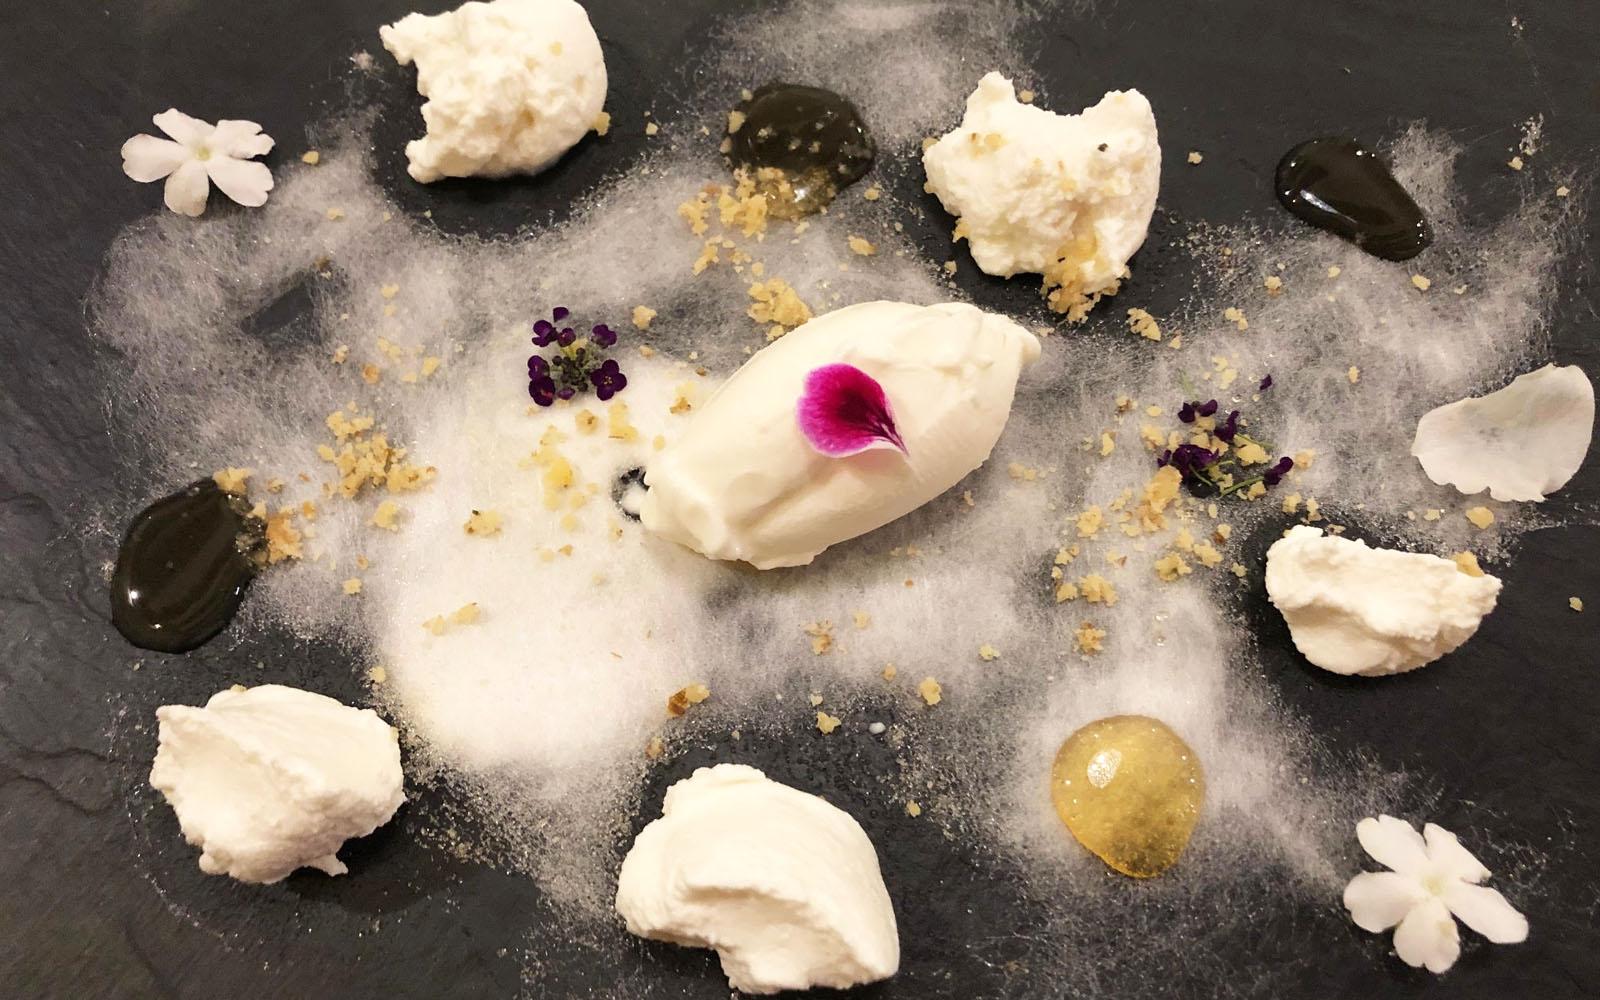 Gelato di yogurt, formaggio, miele e zucchero filato, il dessert di Can Simón. © oltreilbalcone